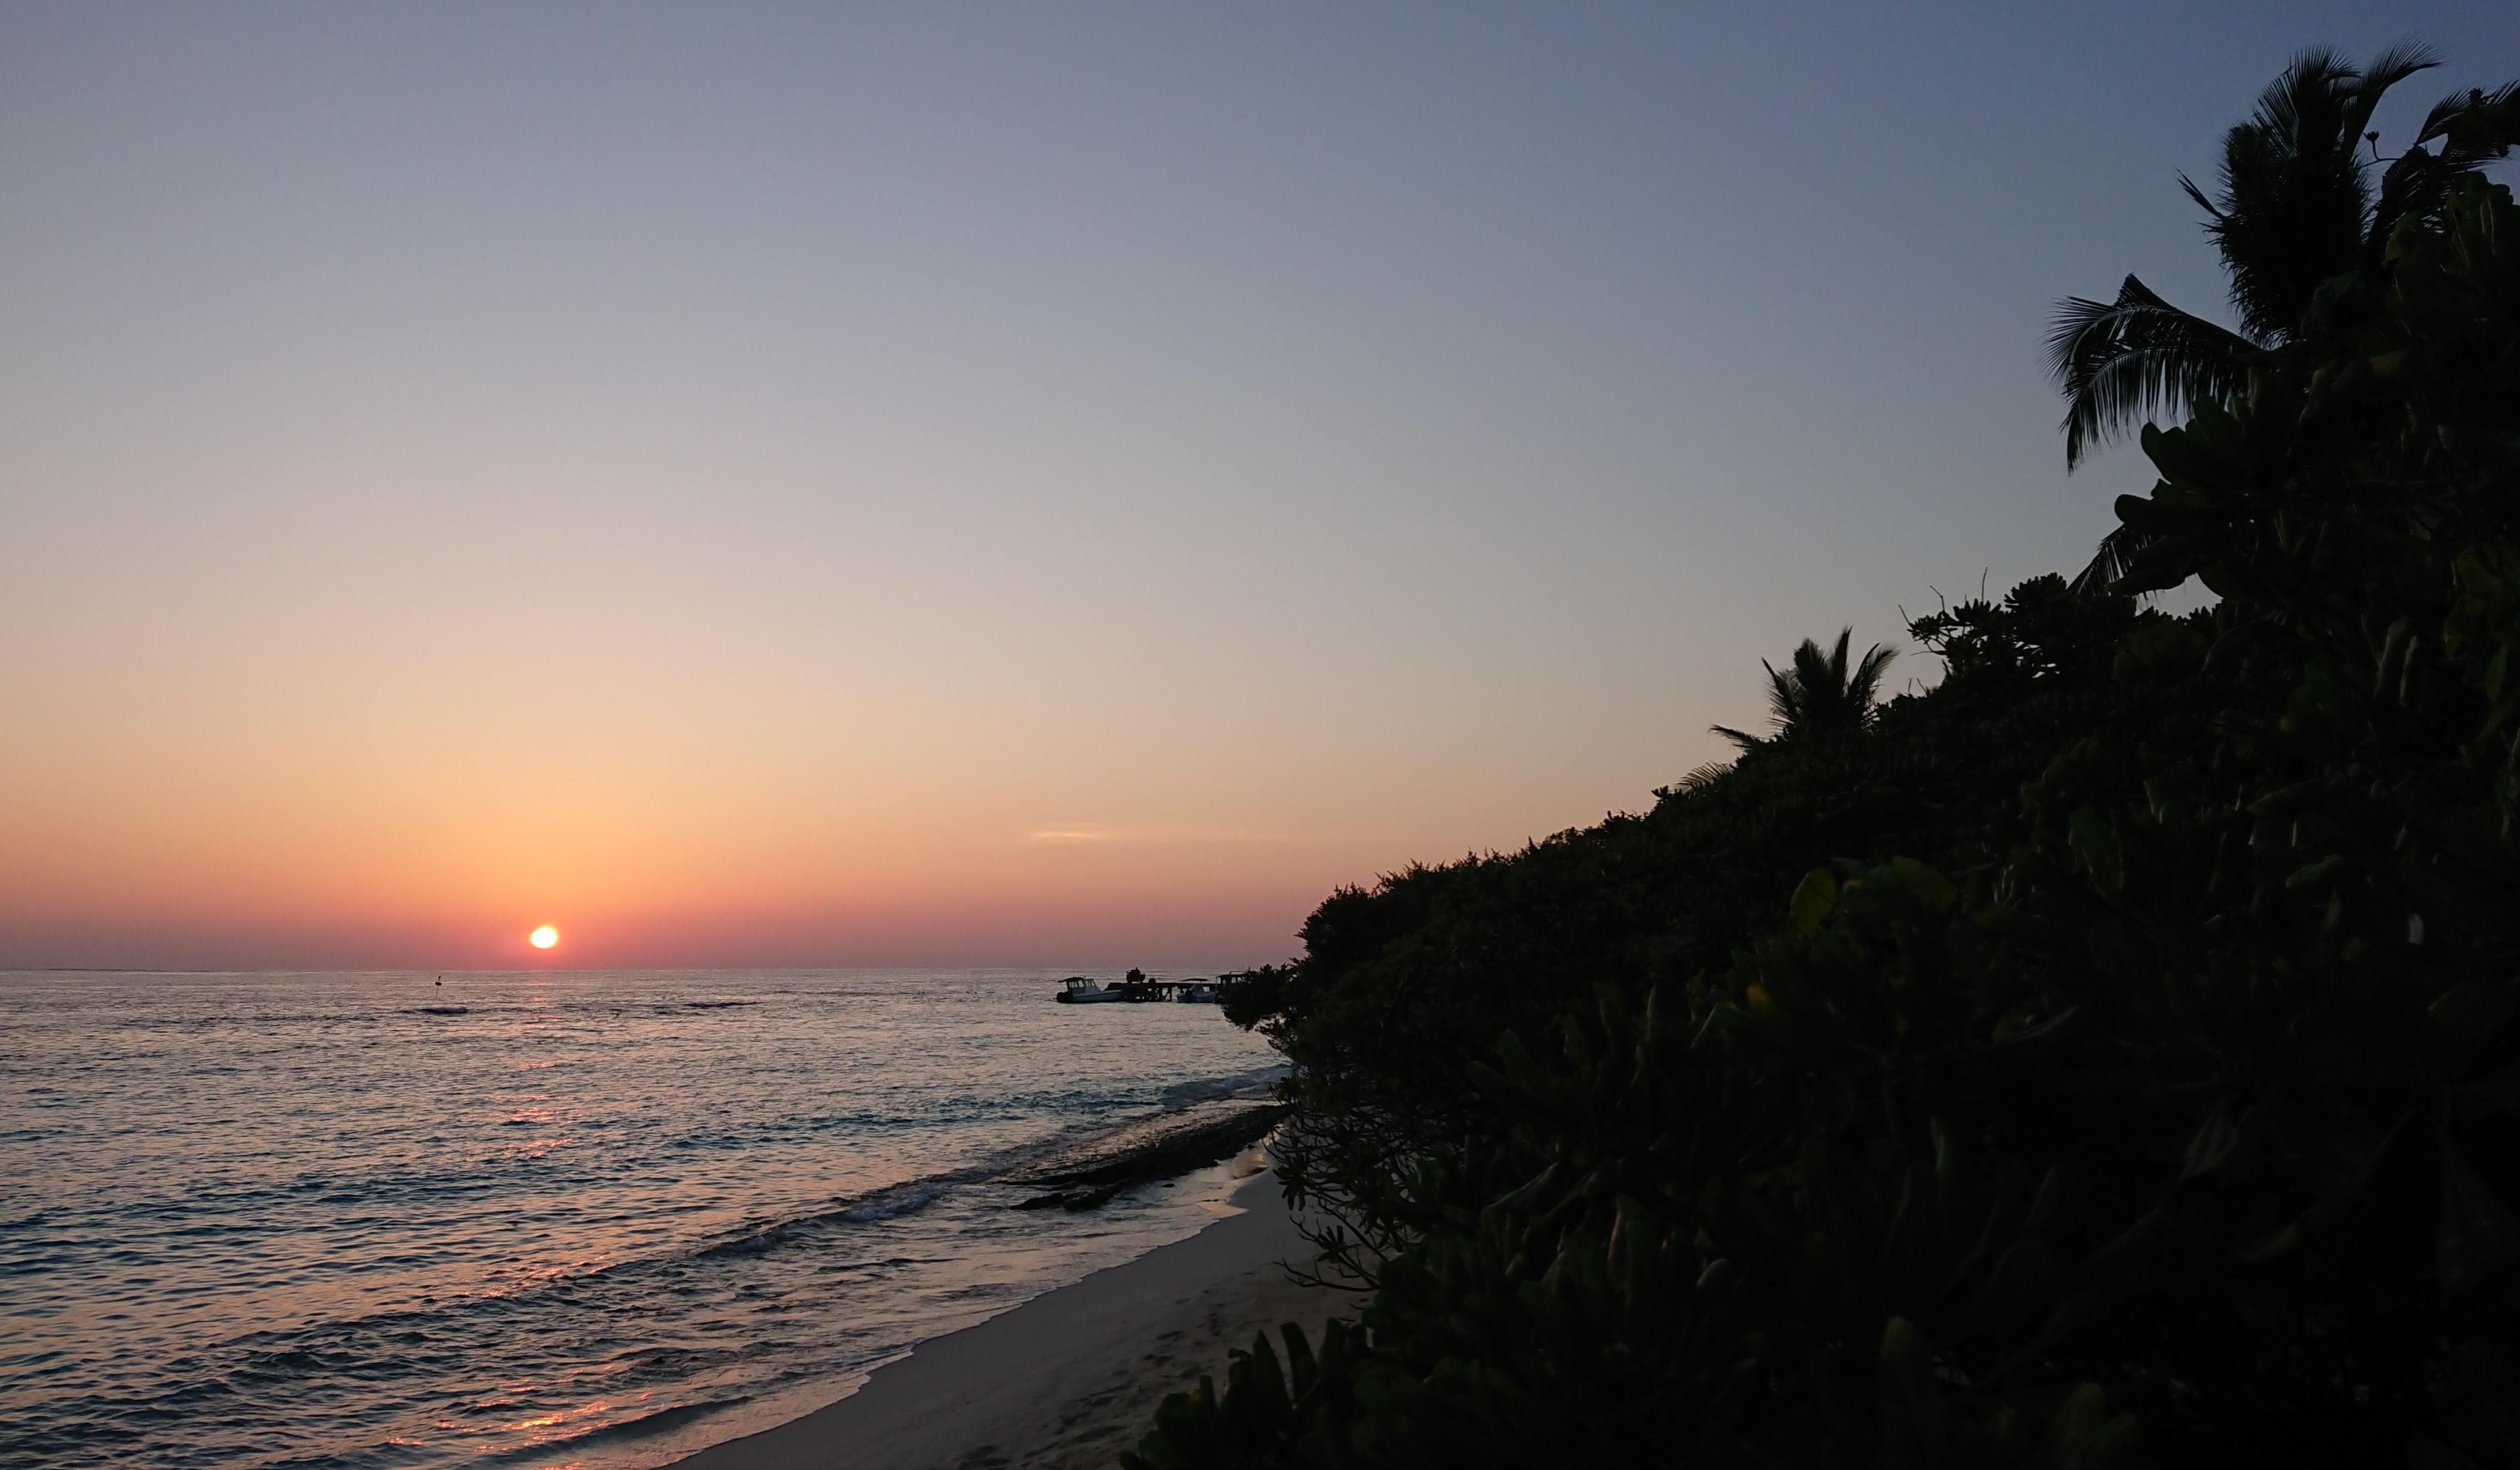 Soneva et Biogents s'engagent pour un contrôle des nuisibles qui respecte l'environnement aux Maldives